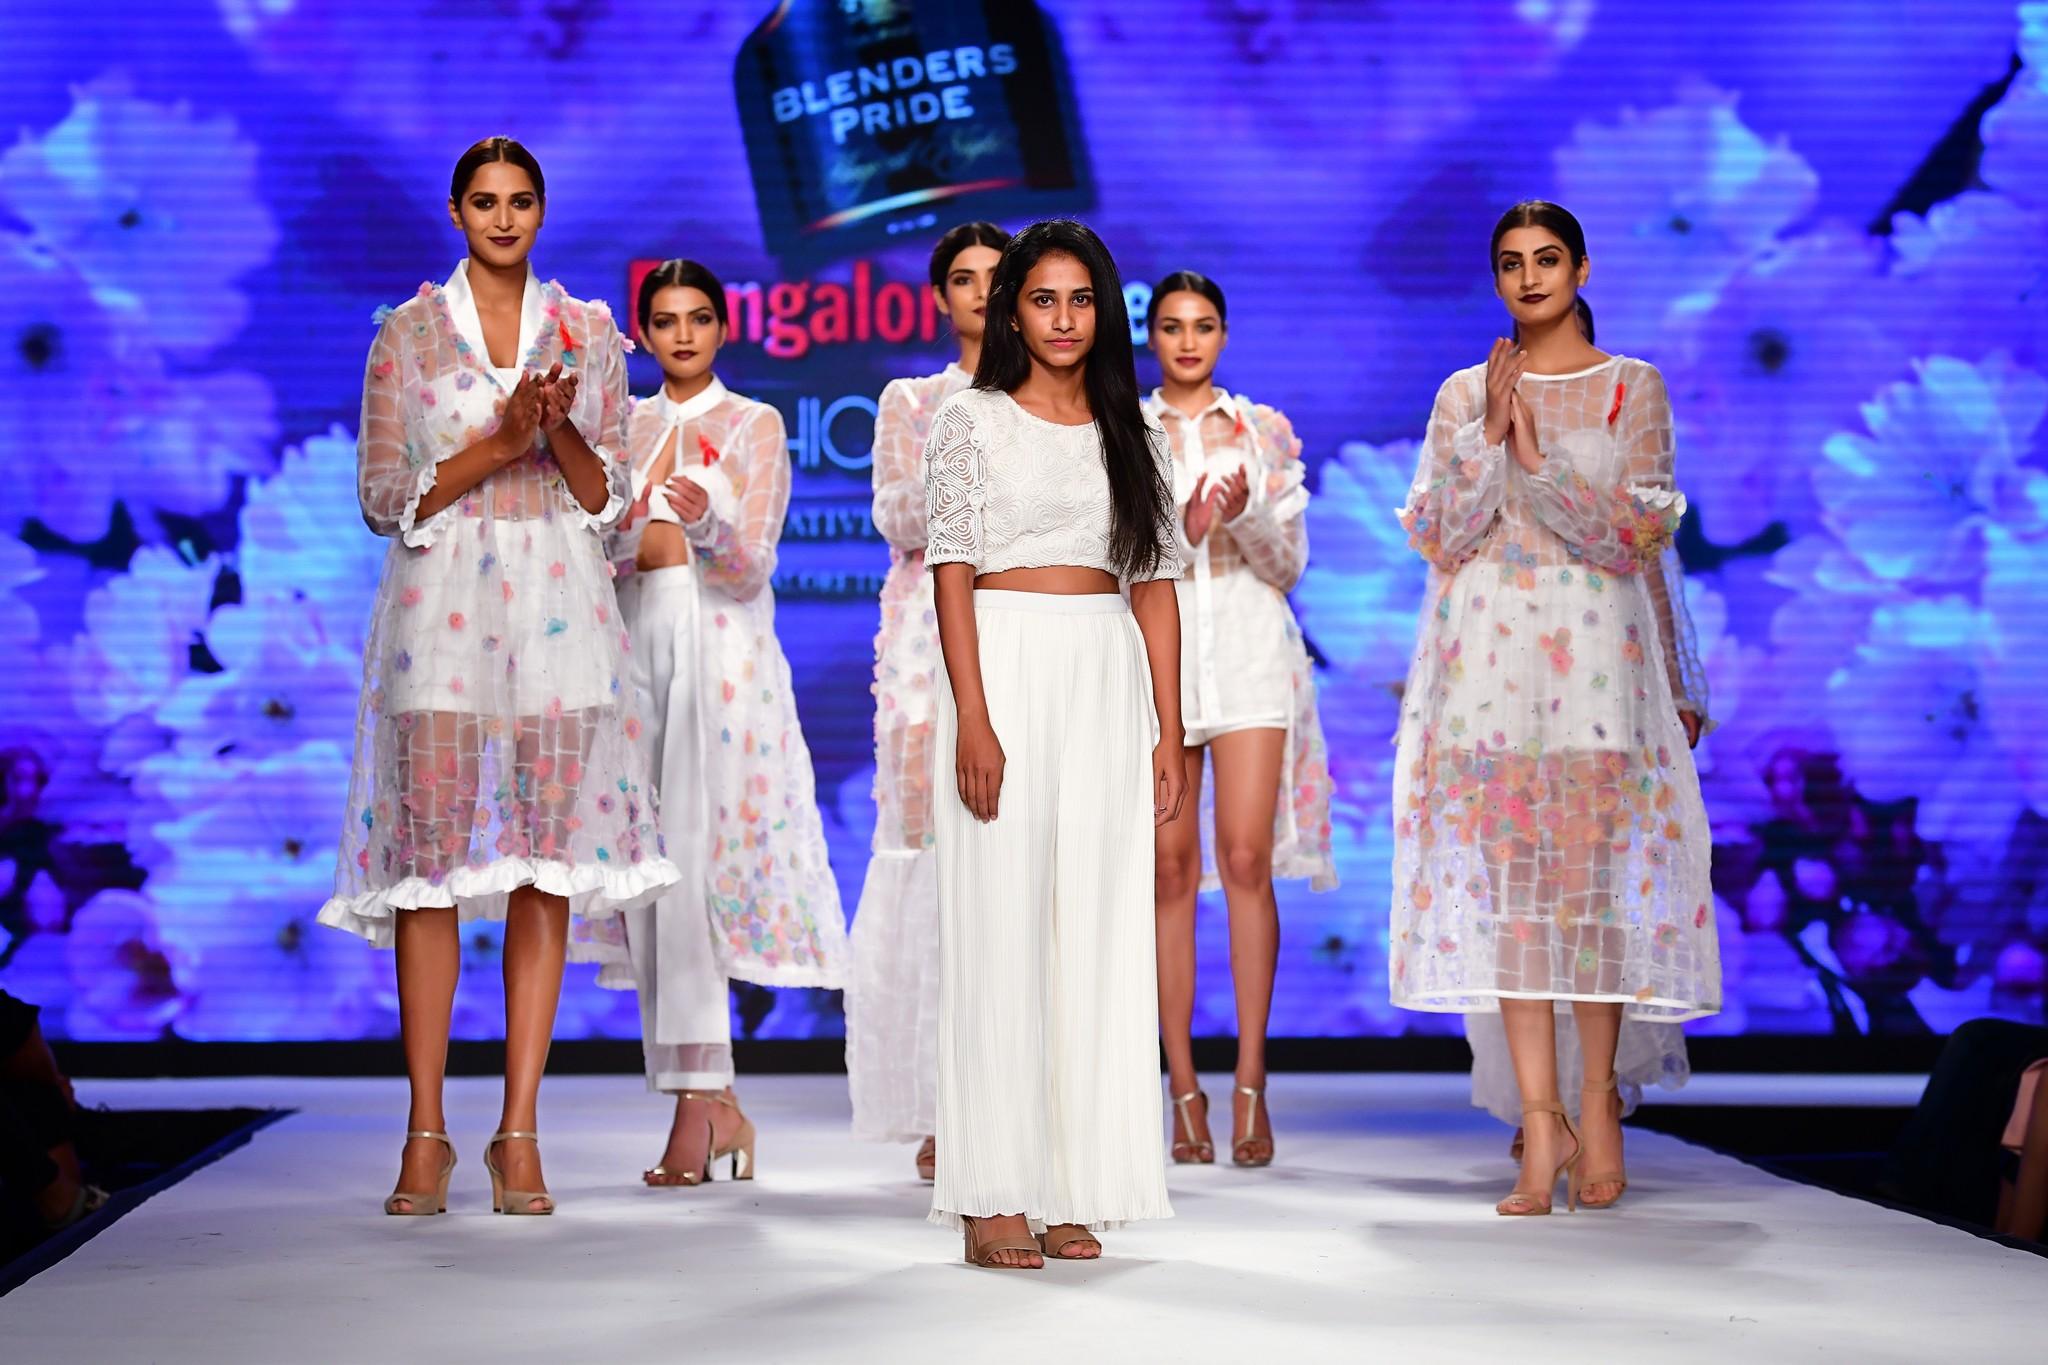 jediiians at bangalore times fashion week 2018 Jediiians at Bangalore Times Fashion Week 2018 BTFW Collection5 7